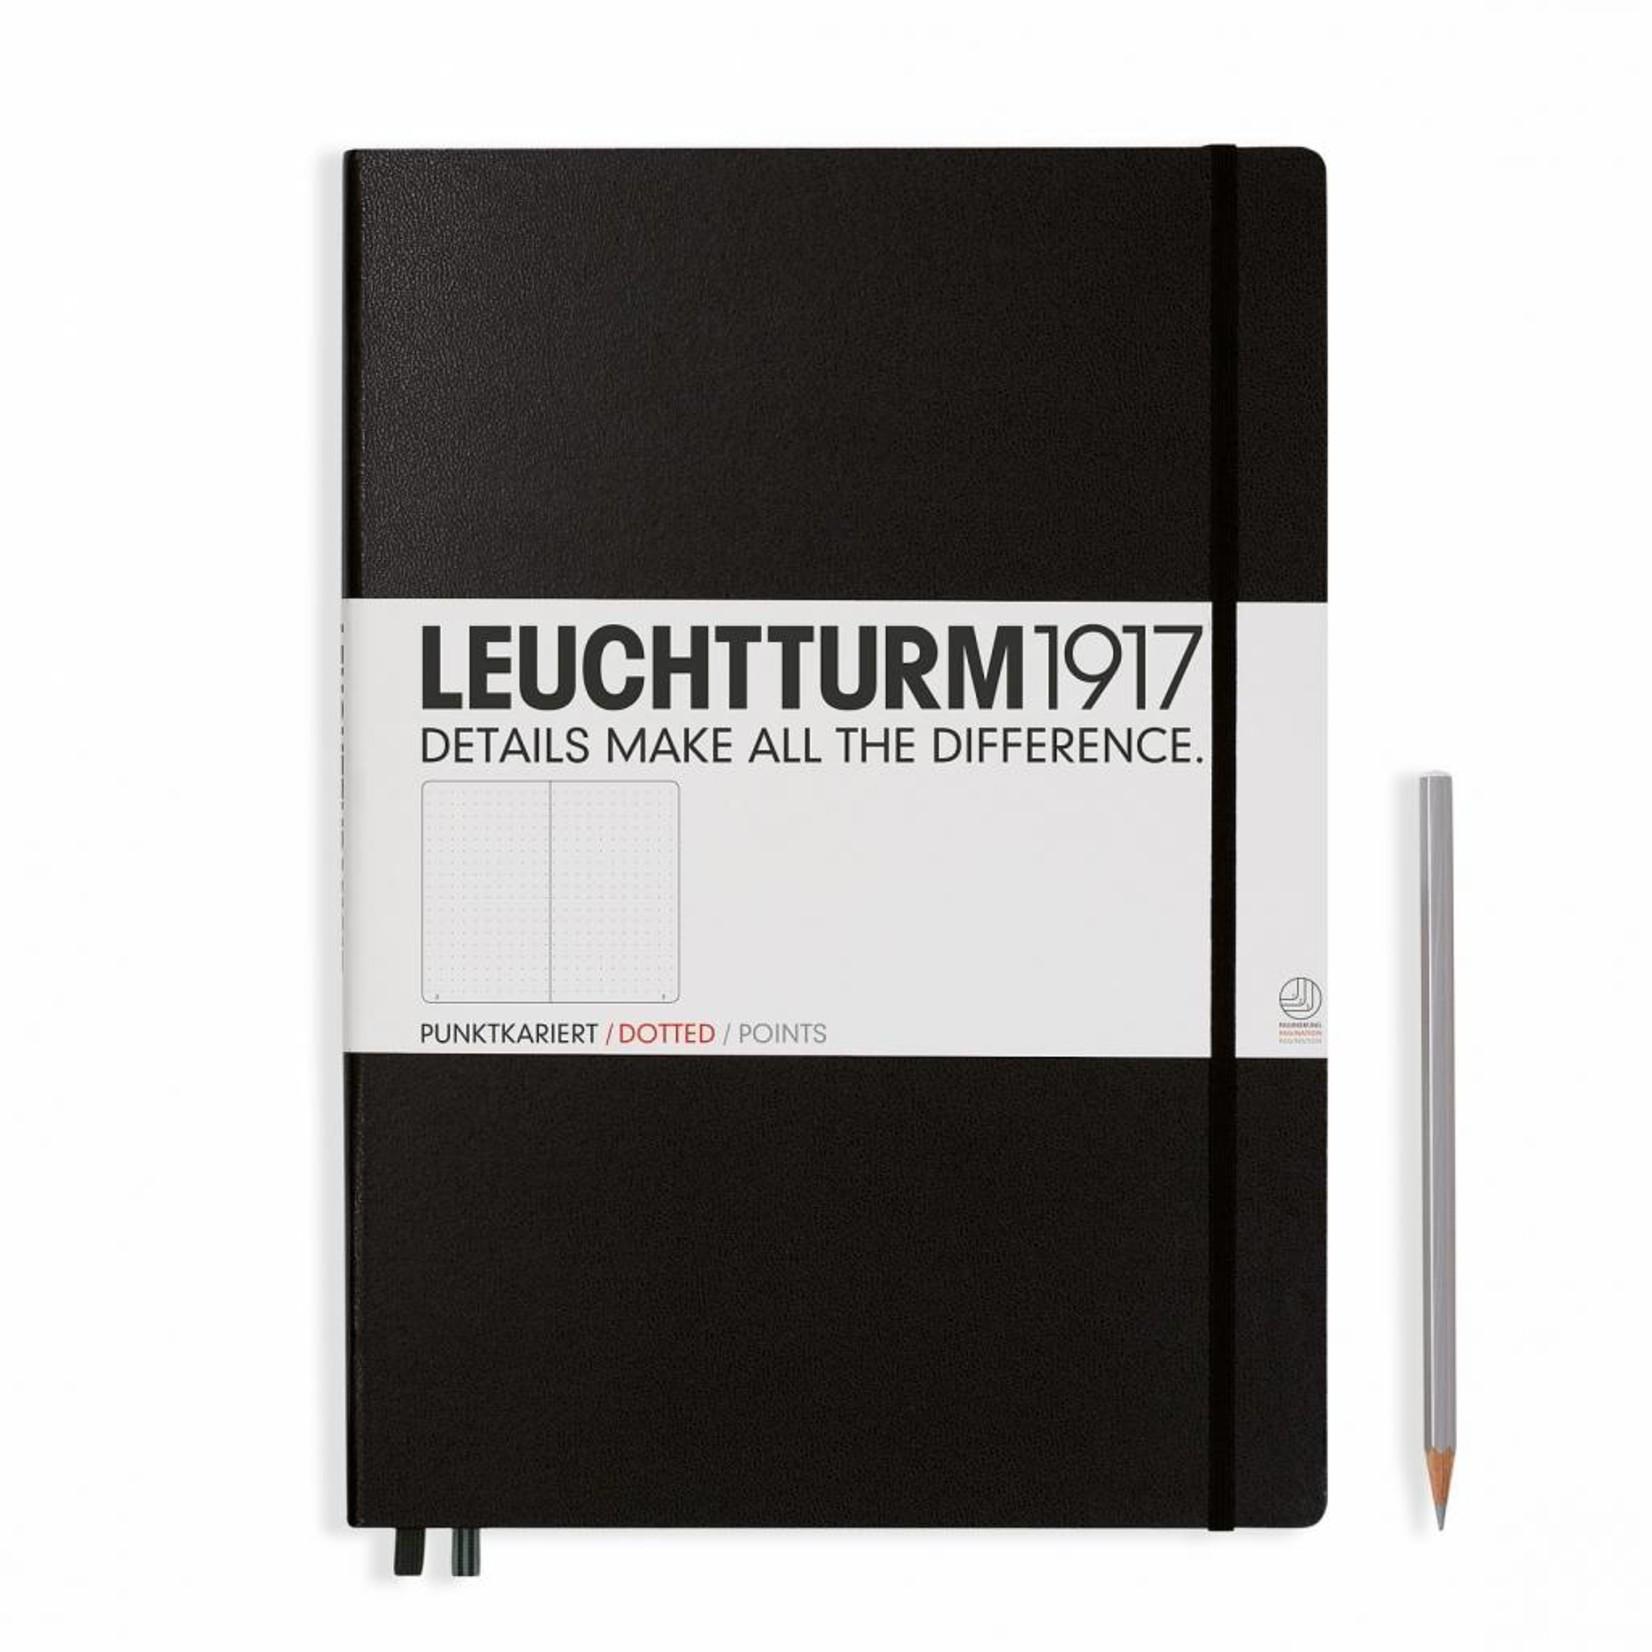 Leuchtturm1917 Leuchtturm1917 Notizbuch, Master Classic, Schwarz, Dotted